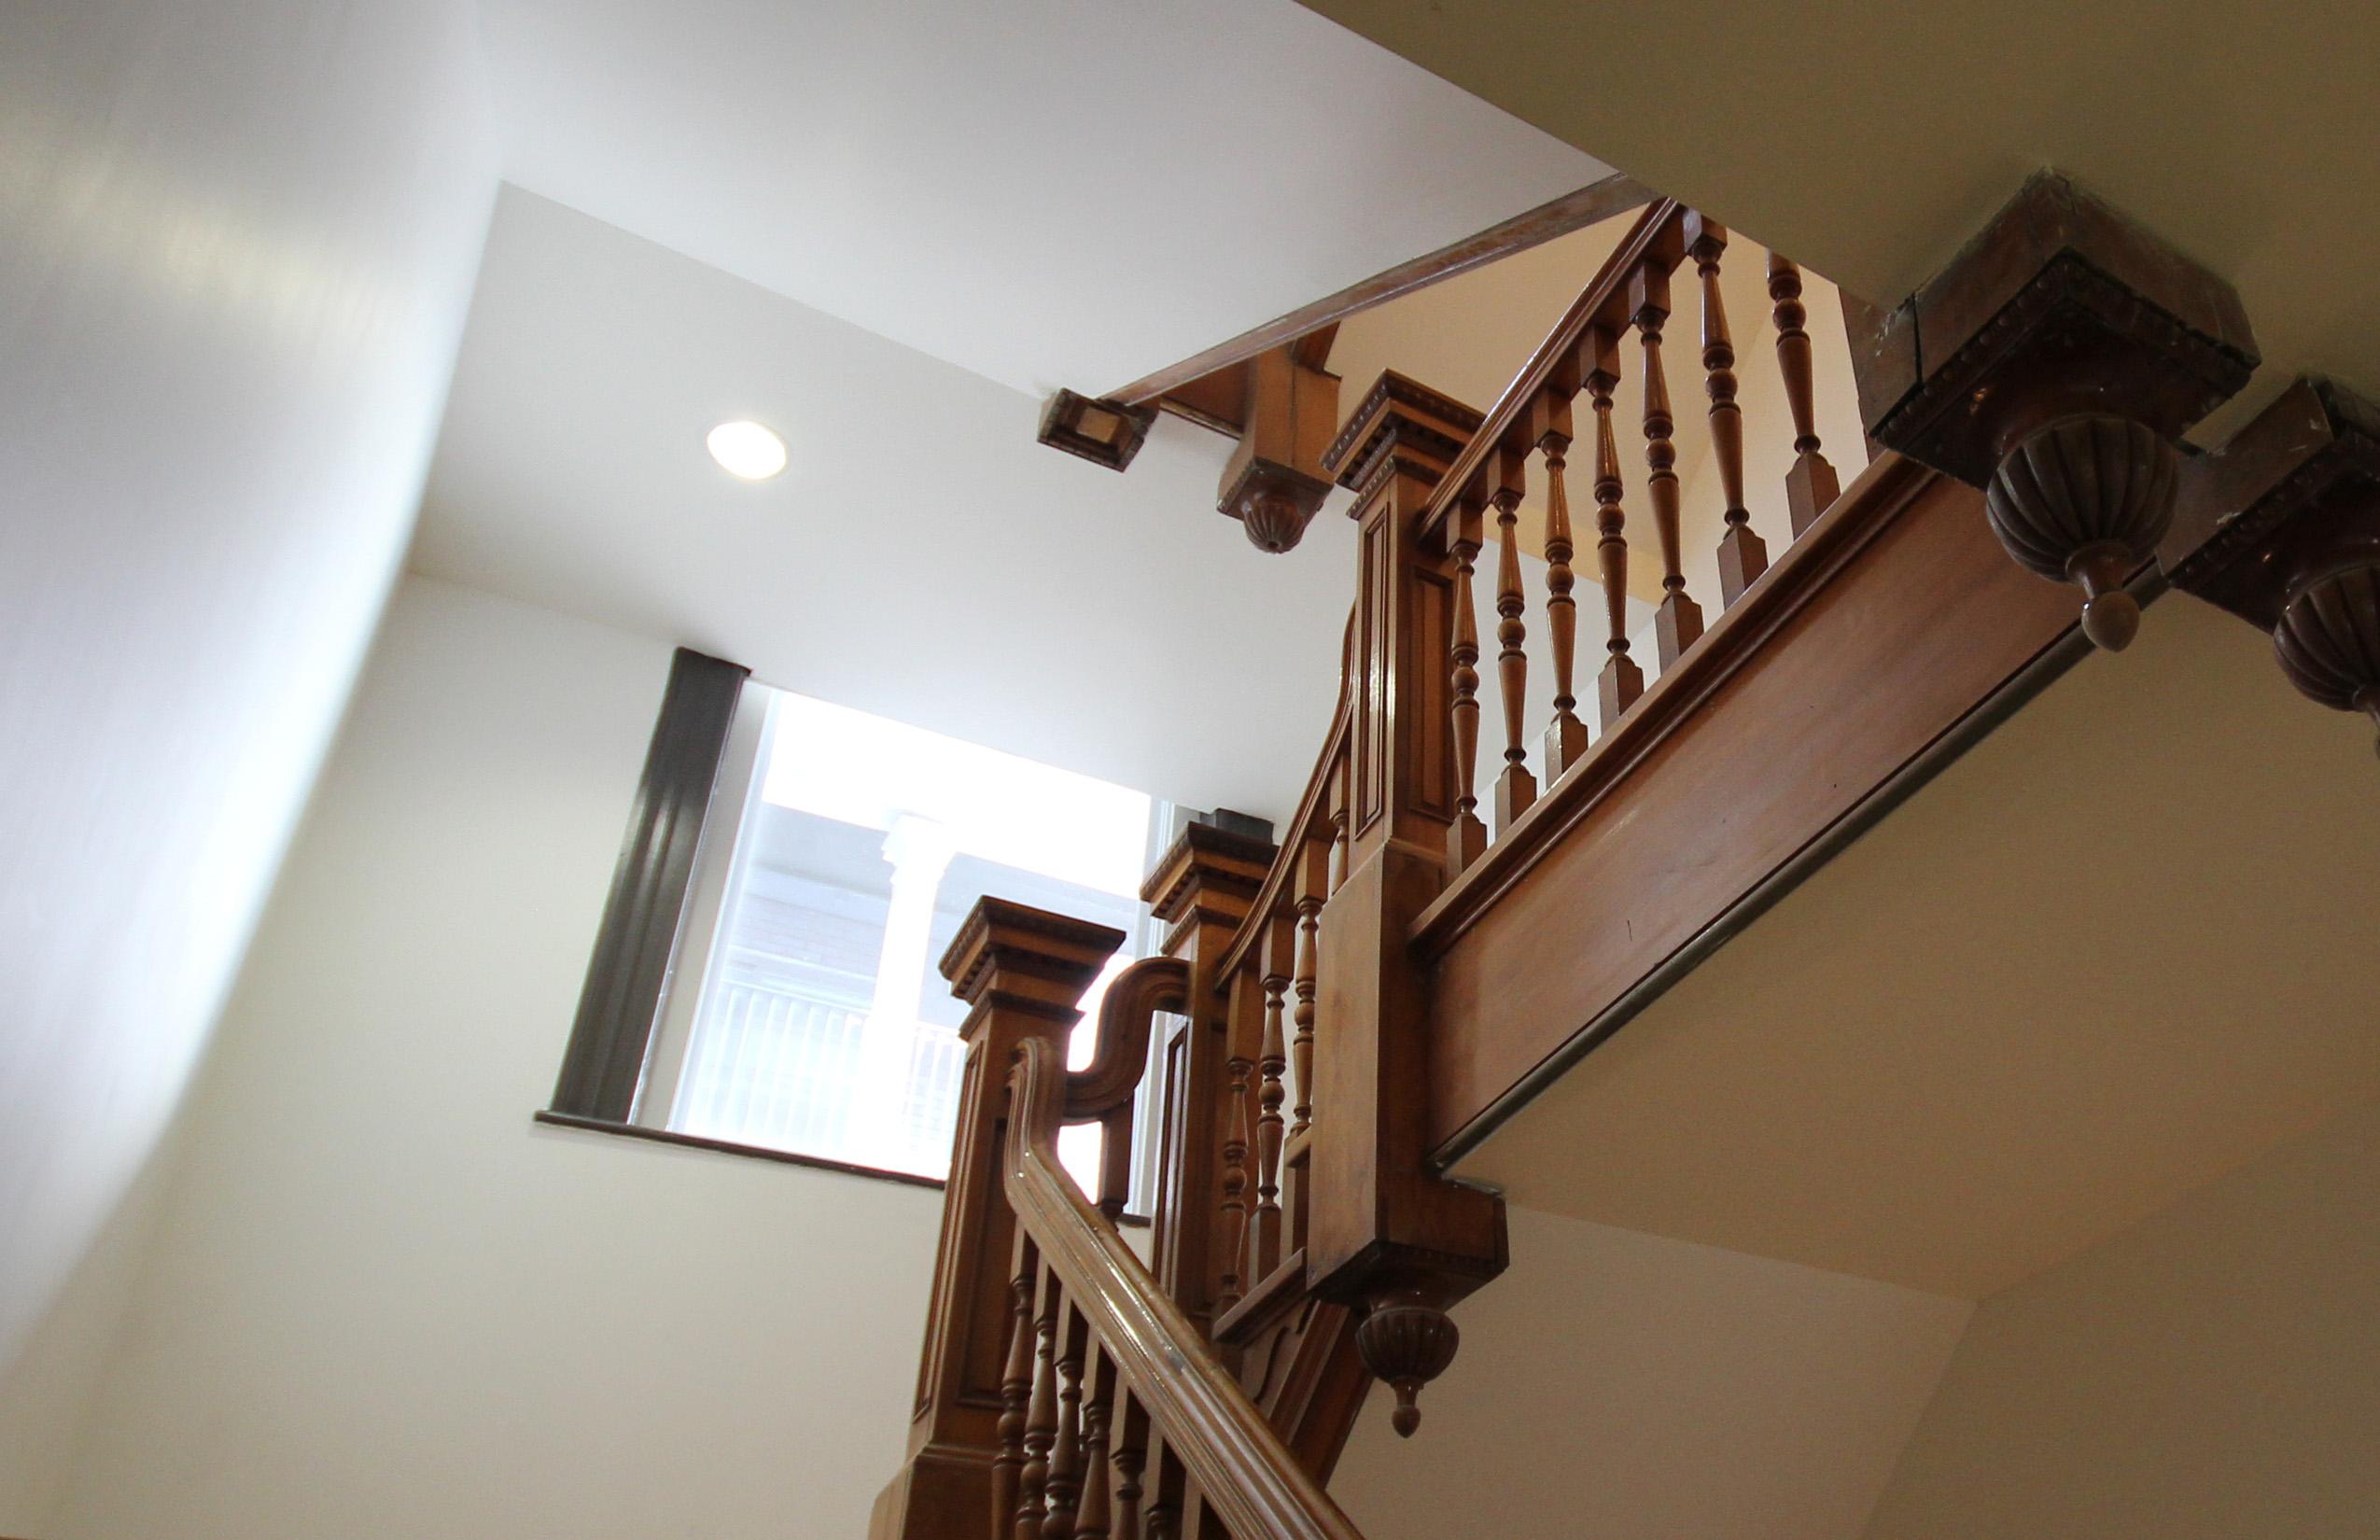 Restauration de l'escalier en chêne